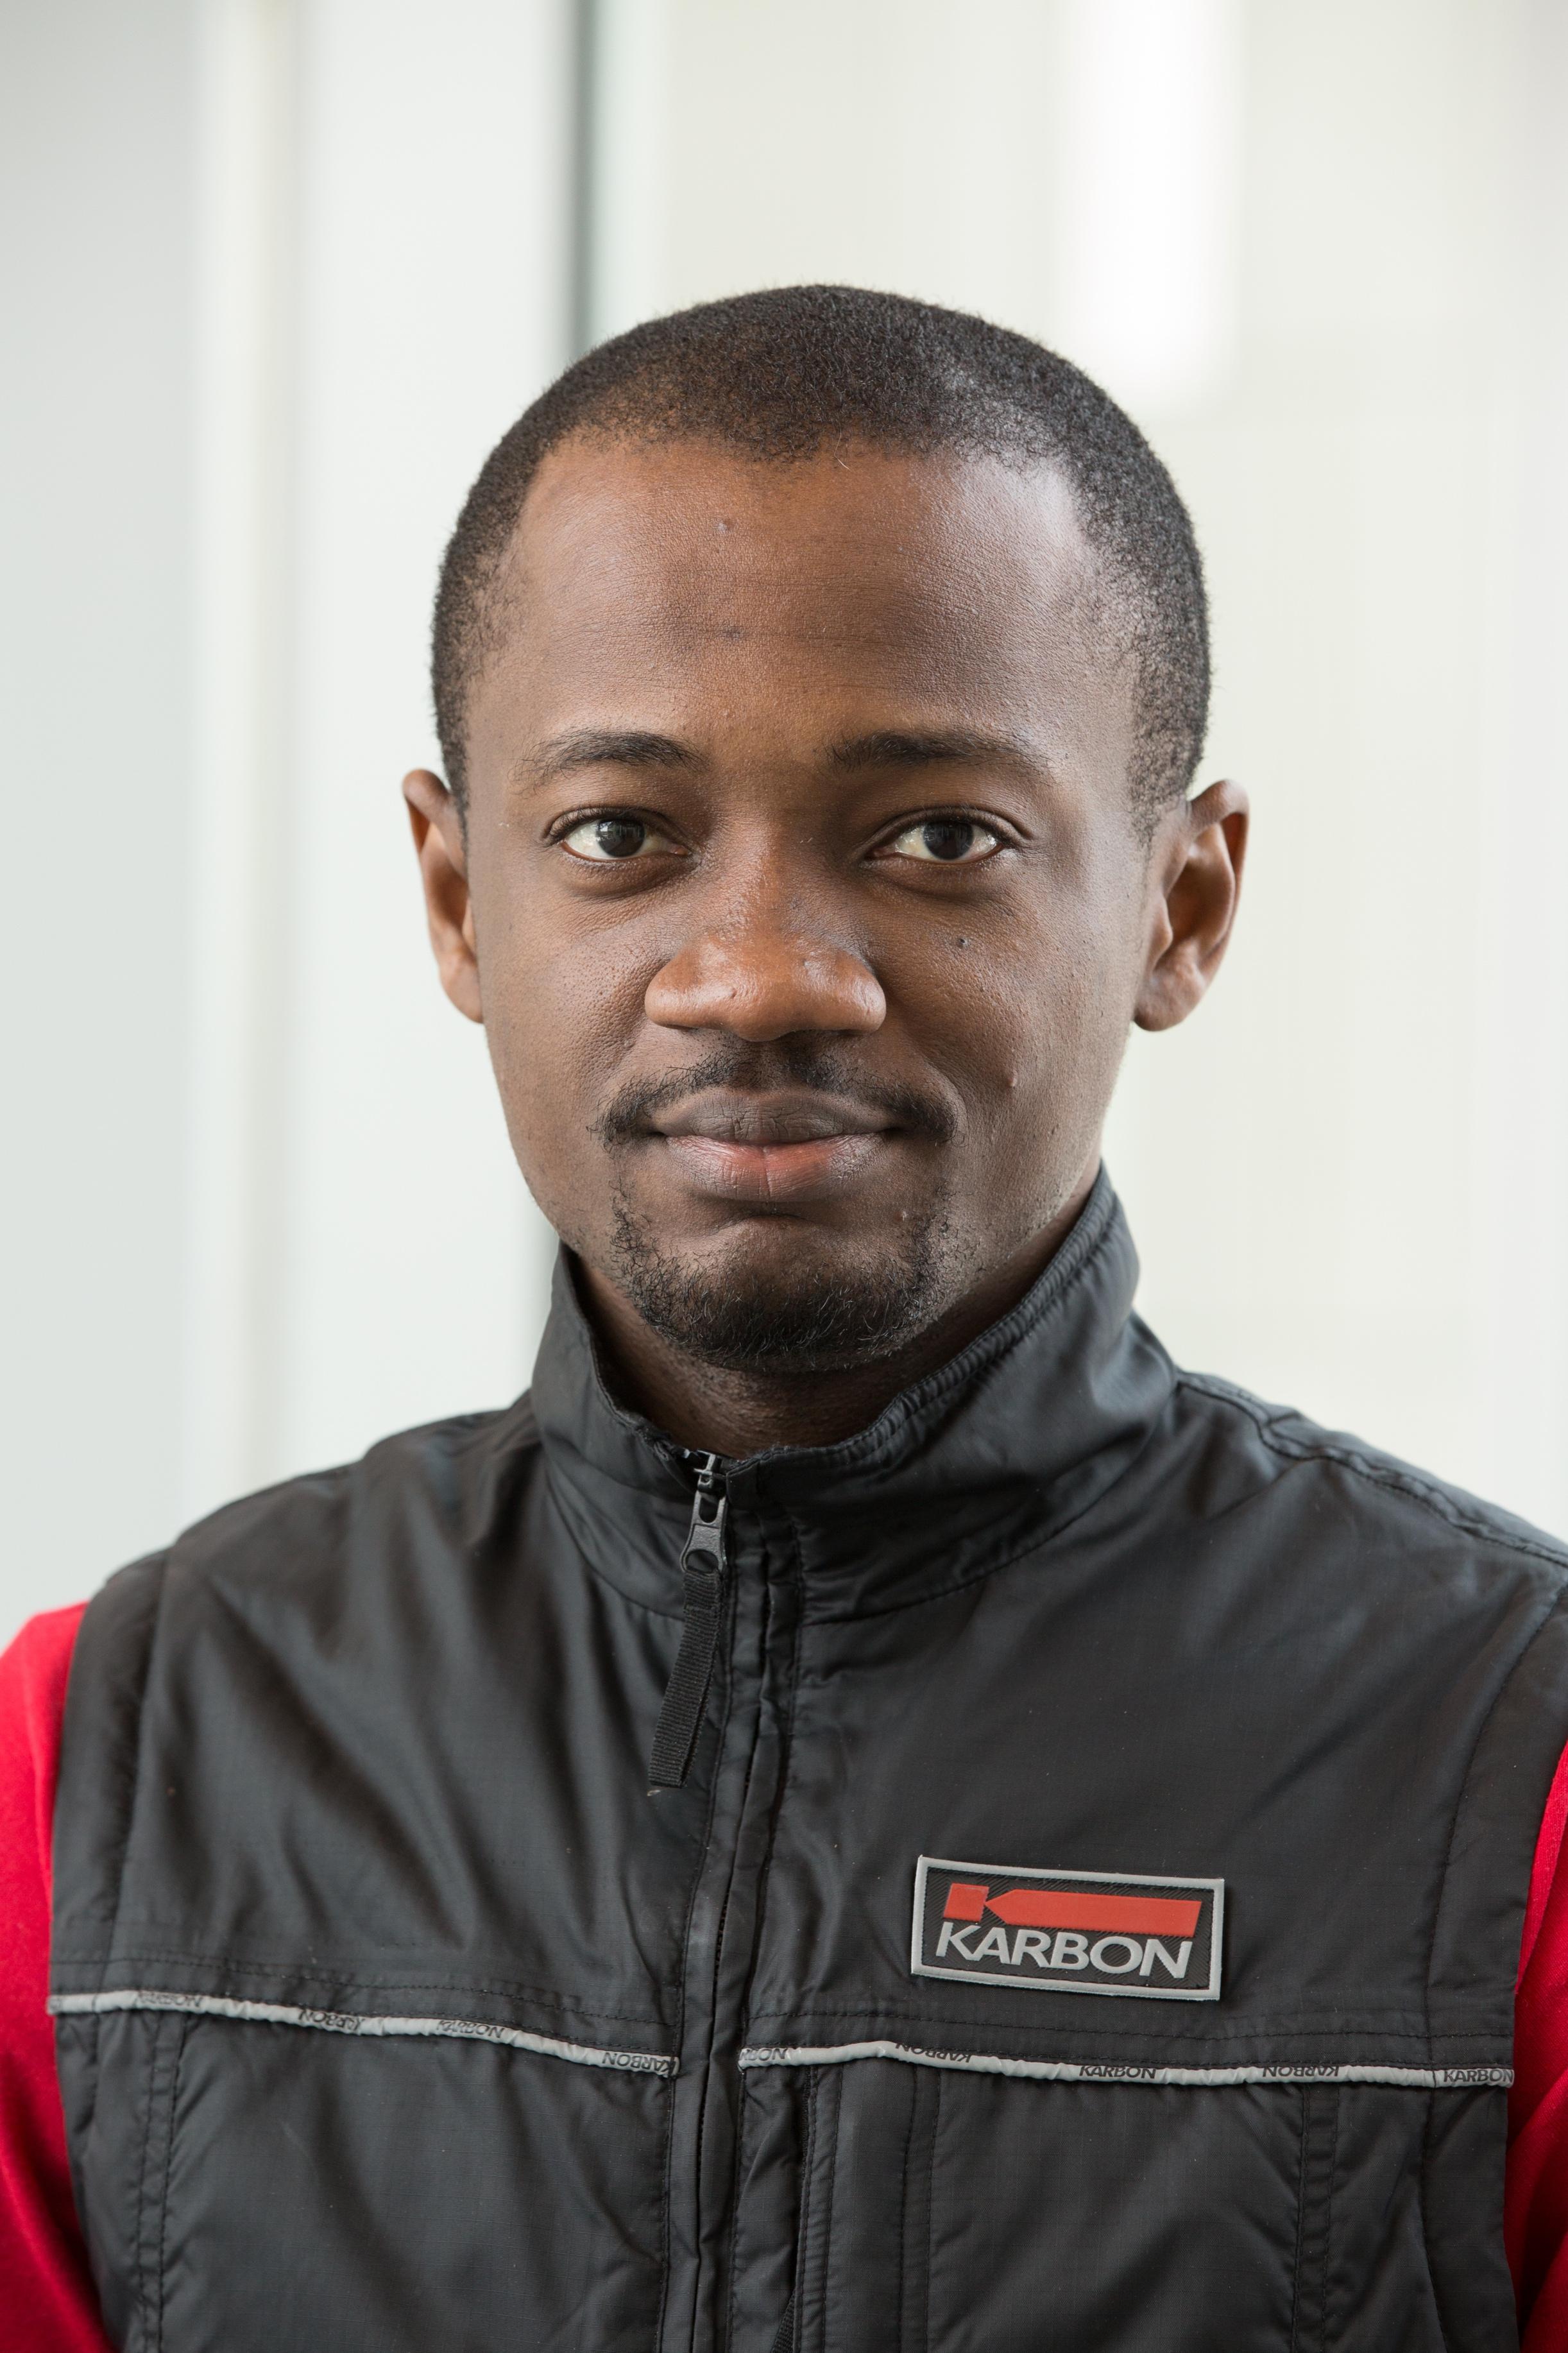 Christian Ogbonna